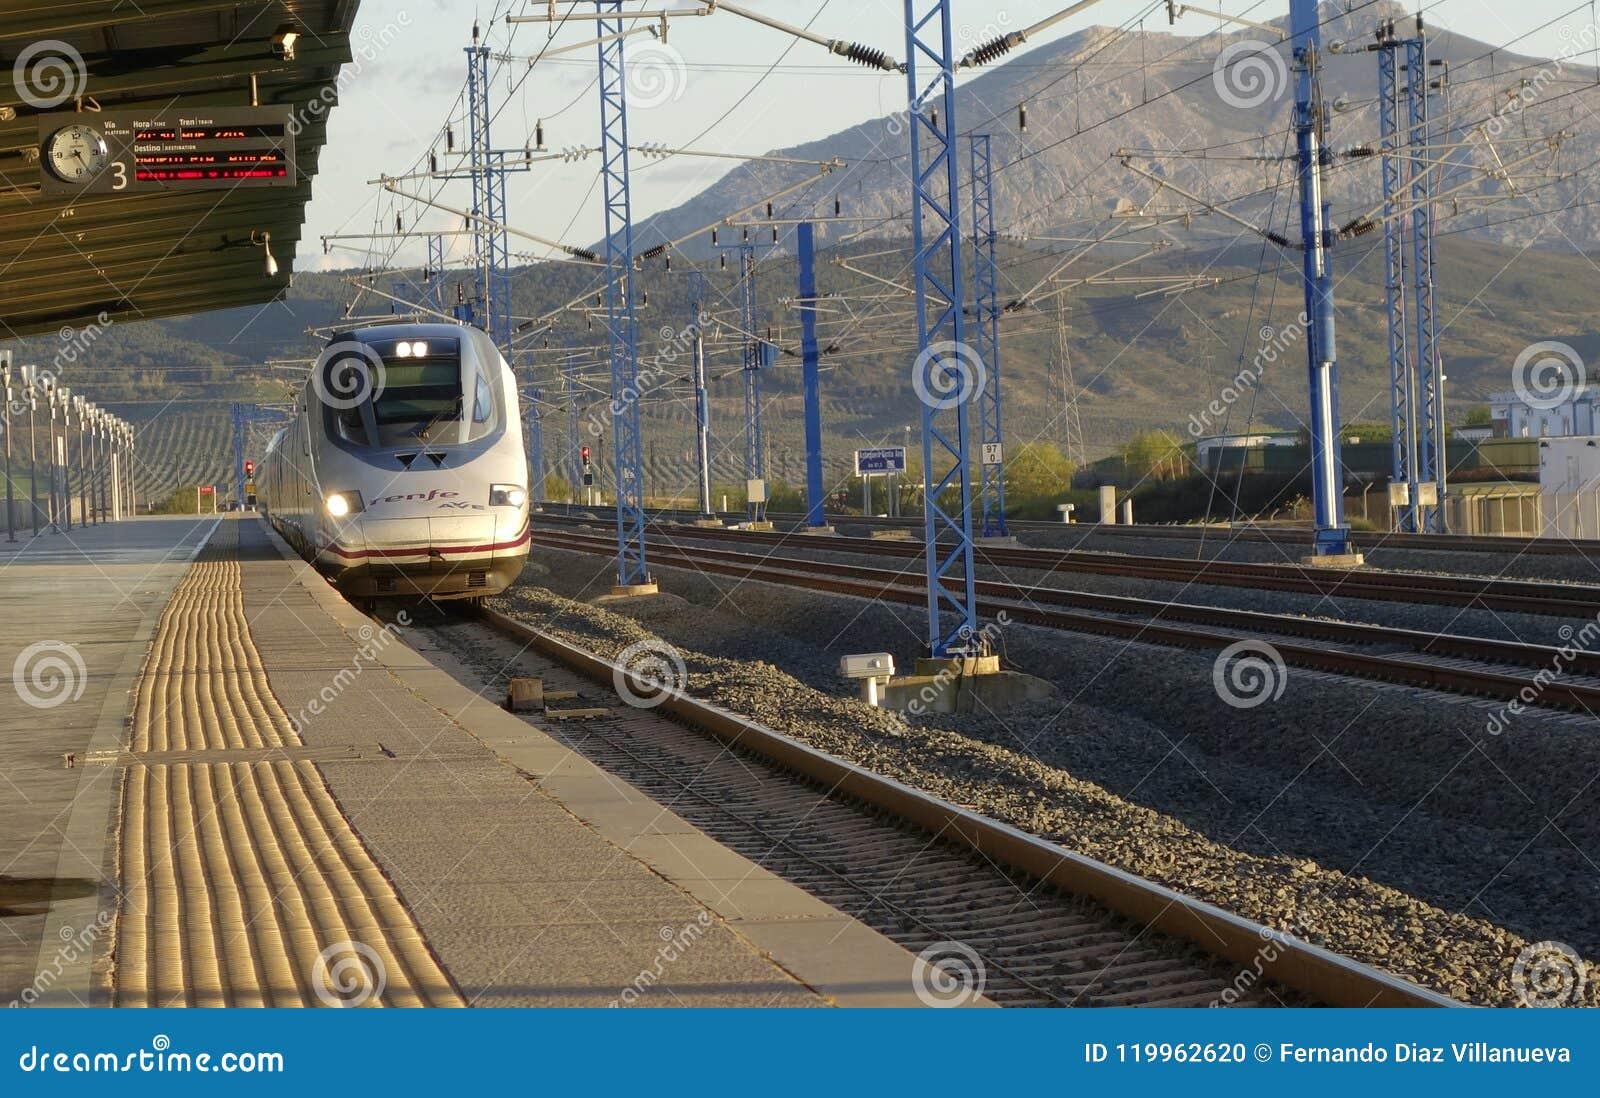 Une avenue à grande vitesse S-102 de Renfe du laga de ¡ de MÃ se dirigeant à Madrid-Atocha à la gare ferroviaire d Antequera-Sant